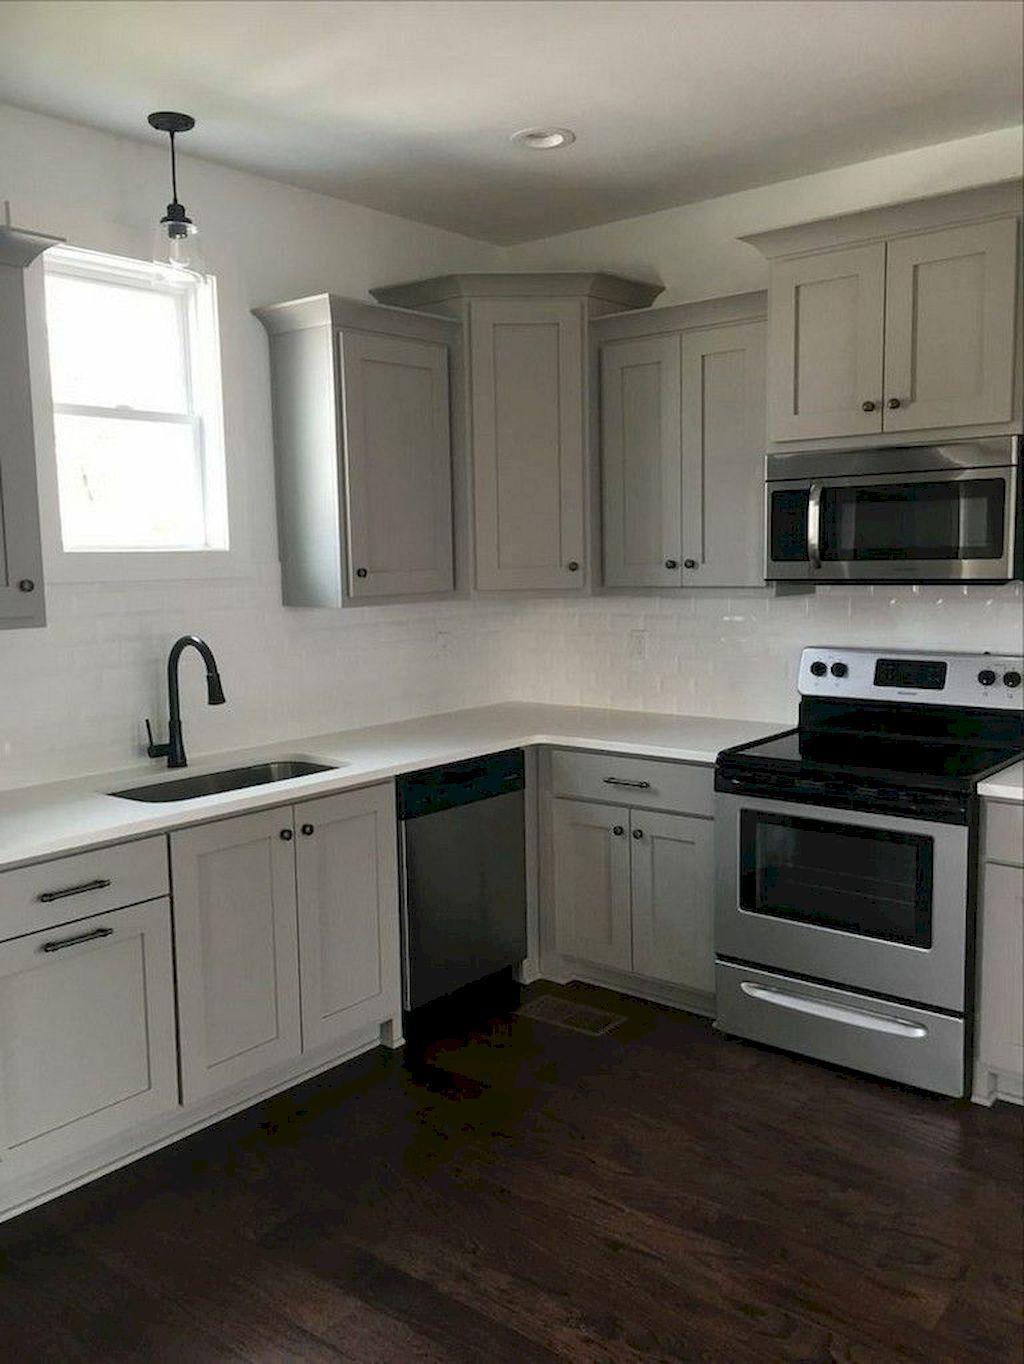 65 gray kitchen cabinet makeover design ideas modern grey kitchen kitchen color trends grey on kitchen ideas gray id=62492